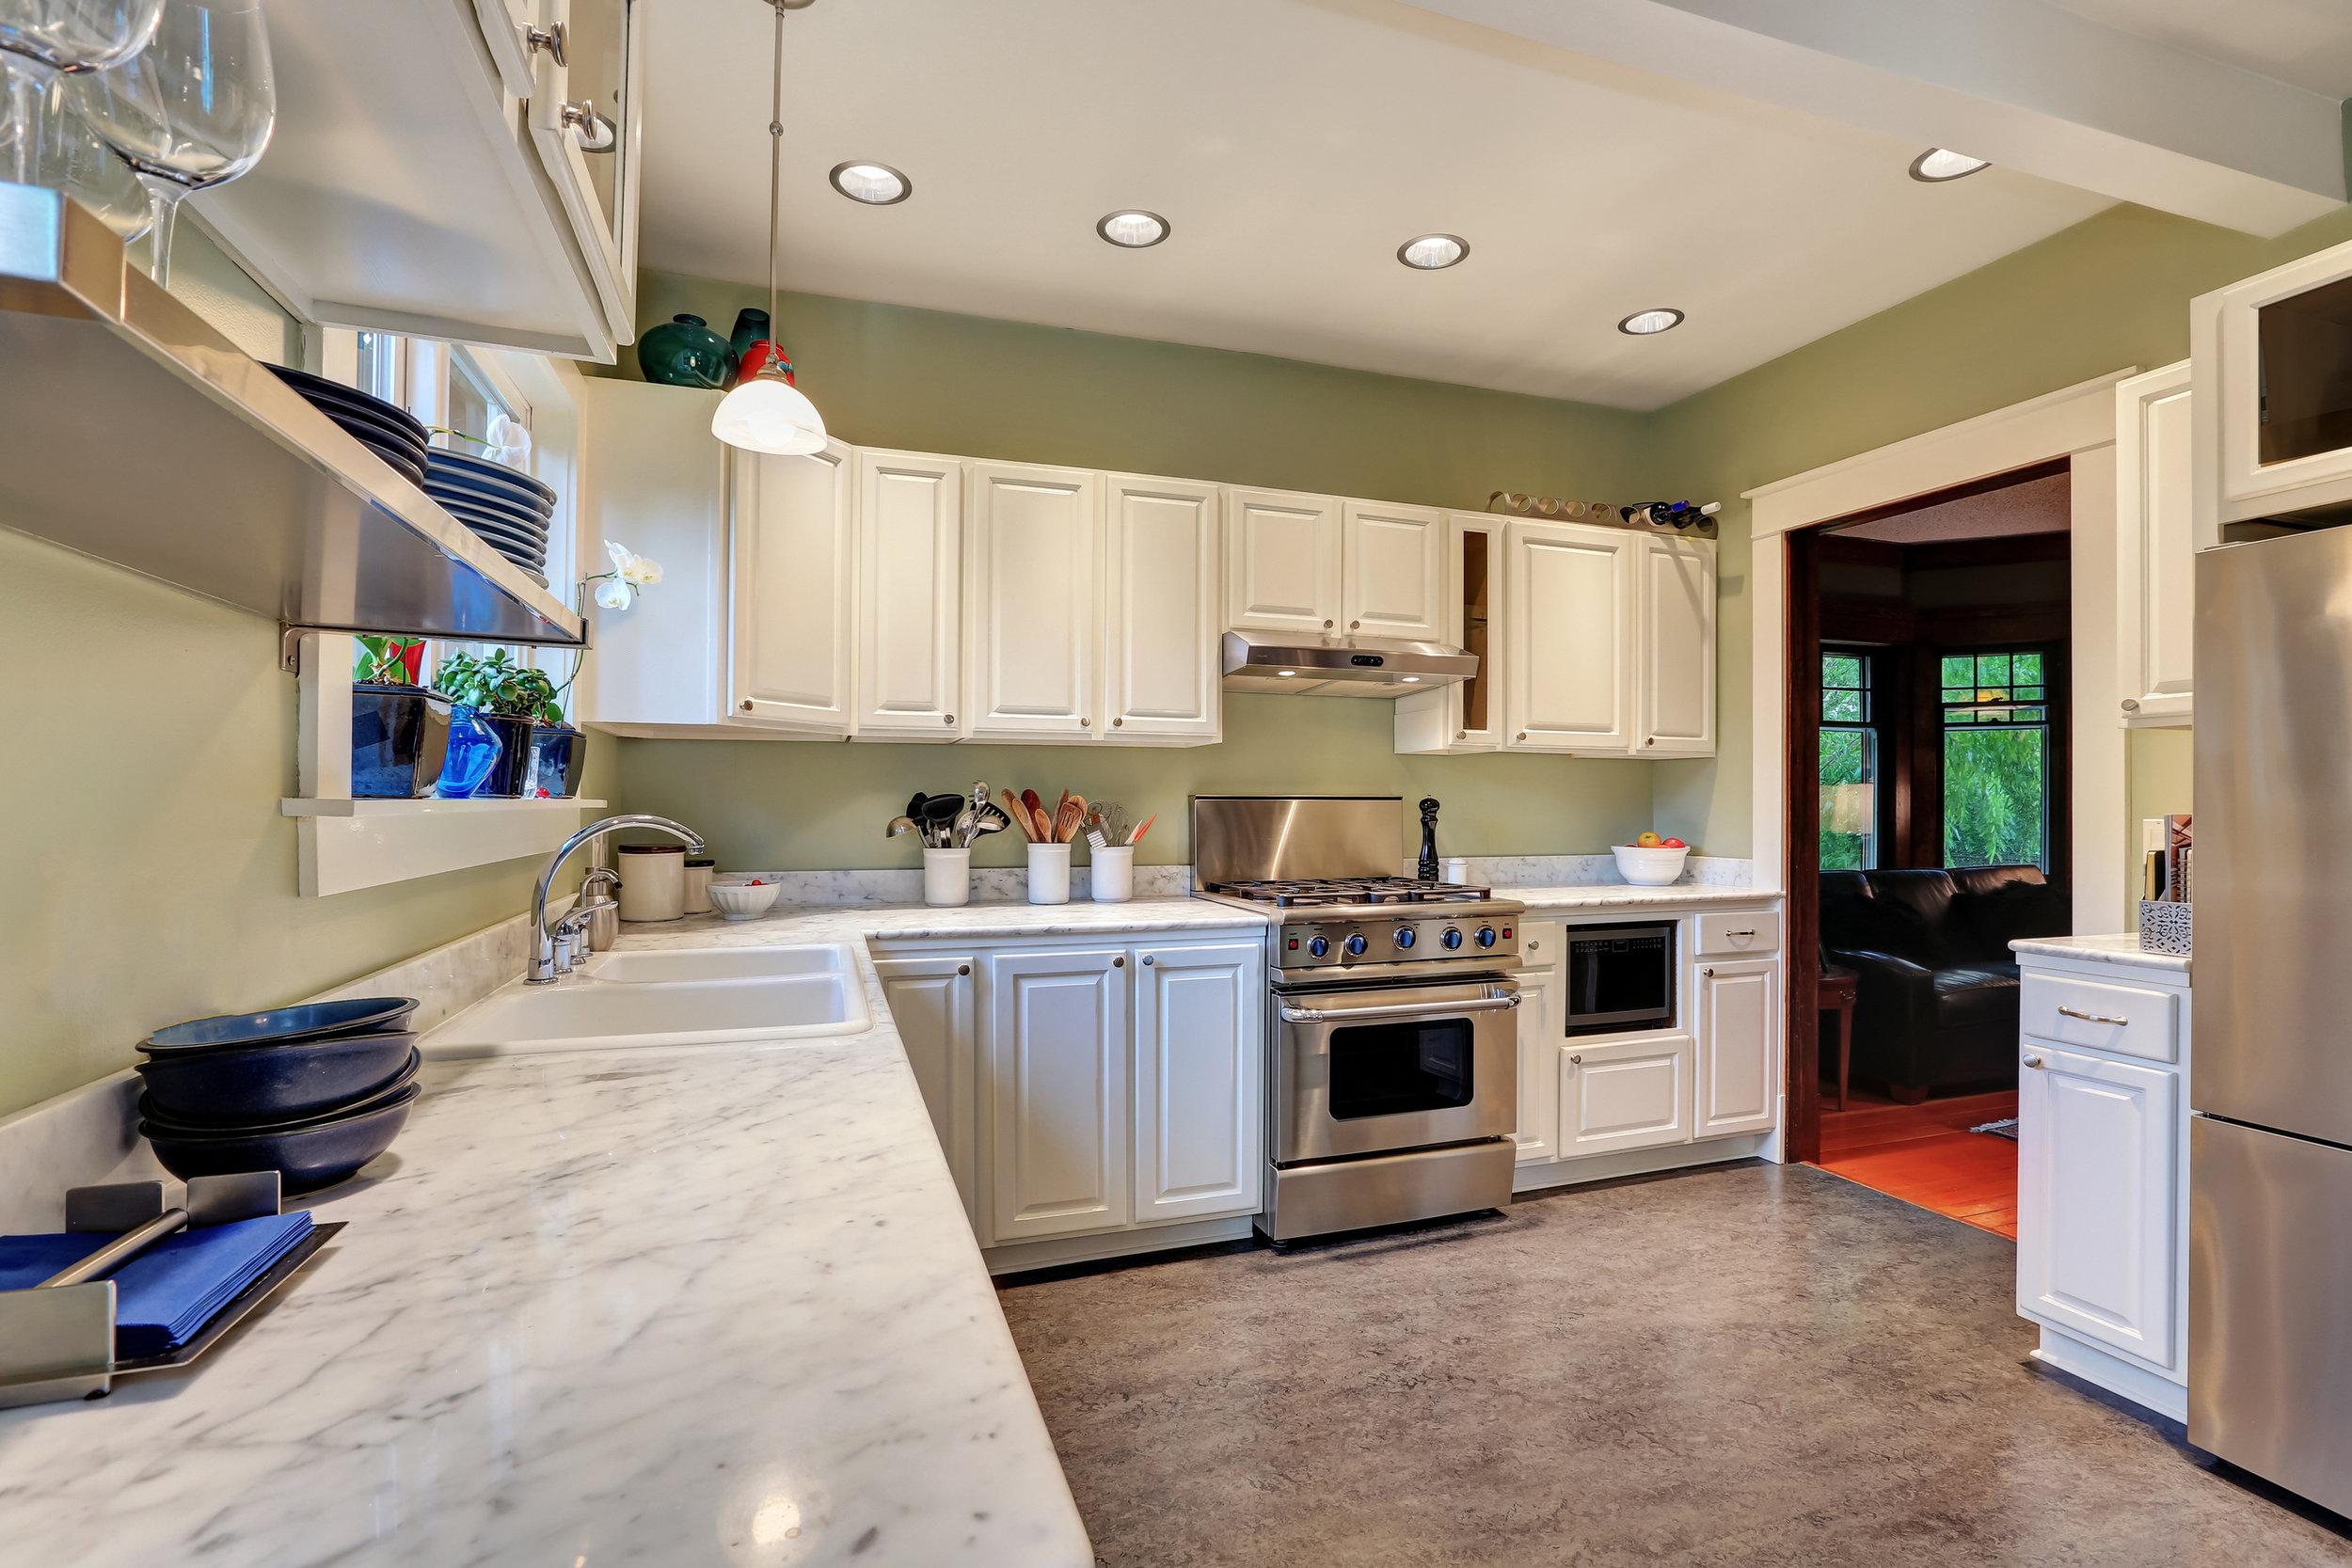 bigstock-Bright-Kitchen-Interior-With-W-143744543.jpg